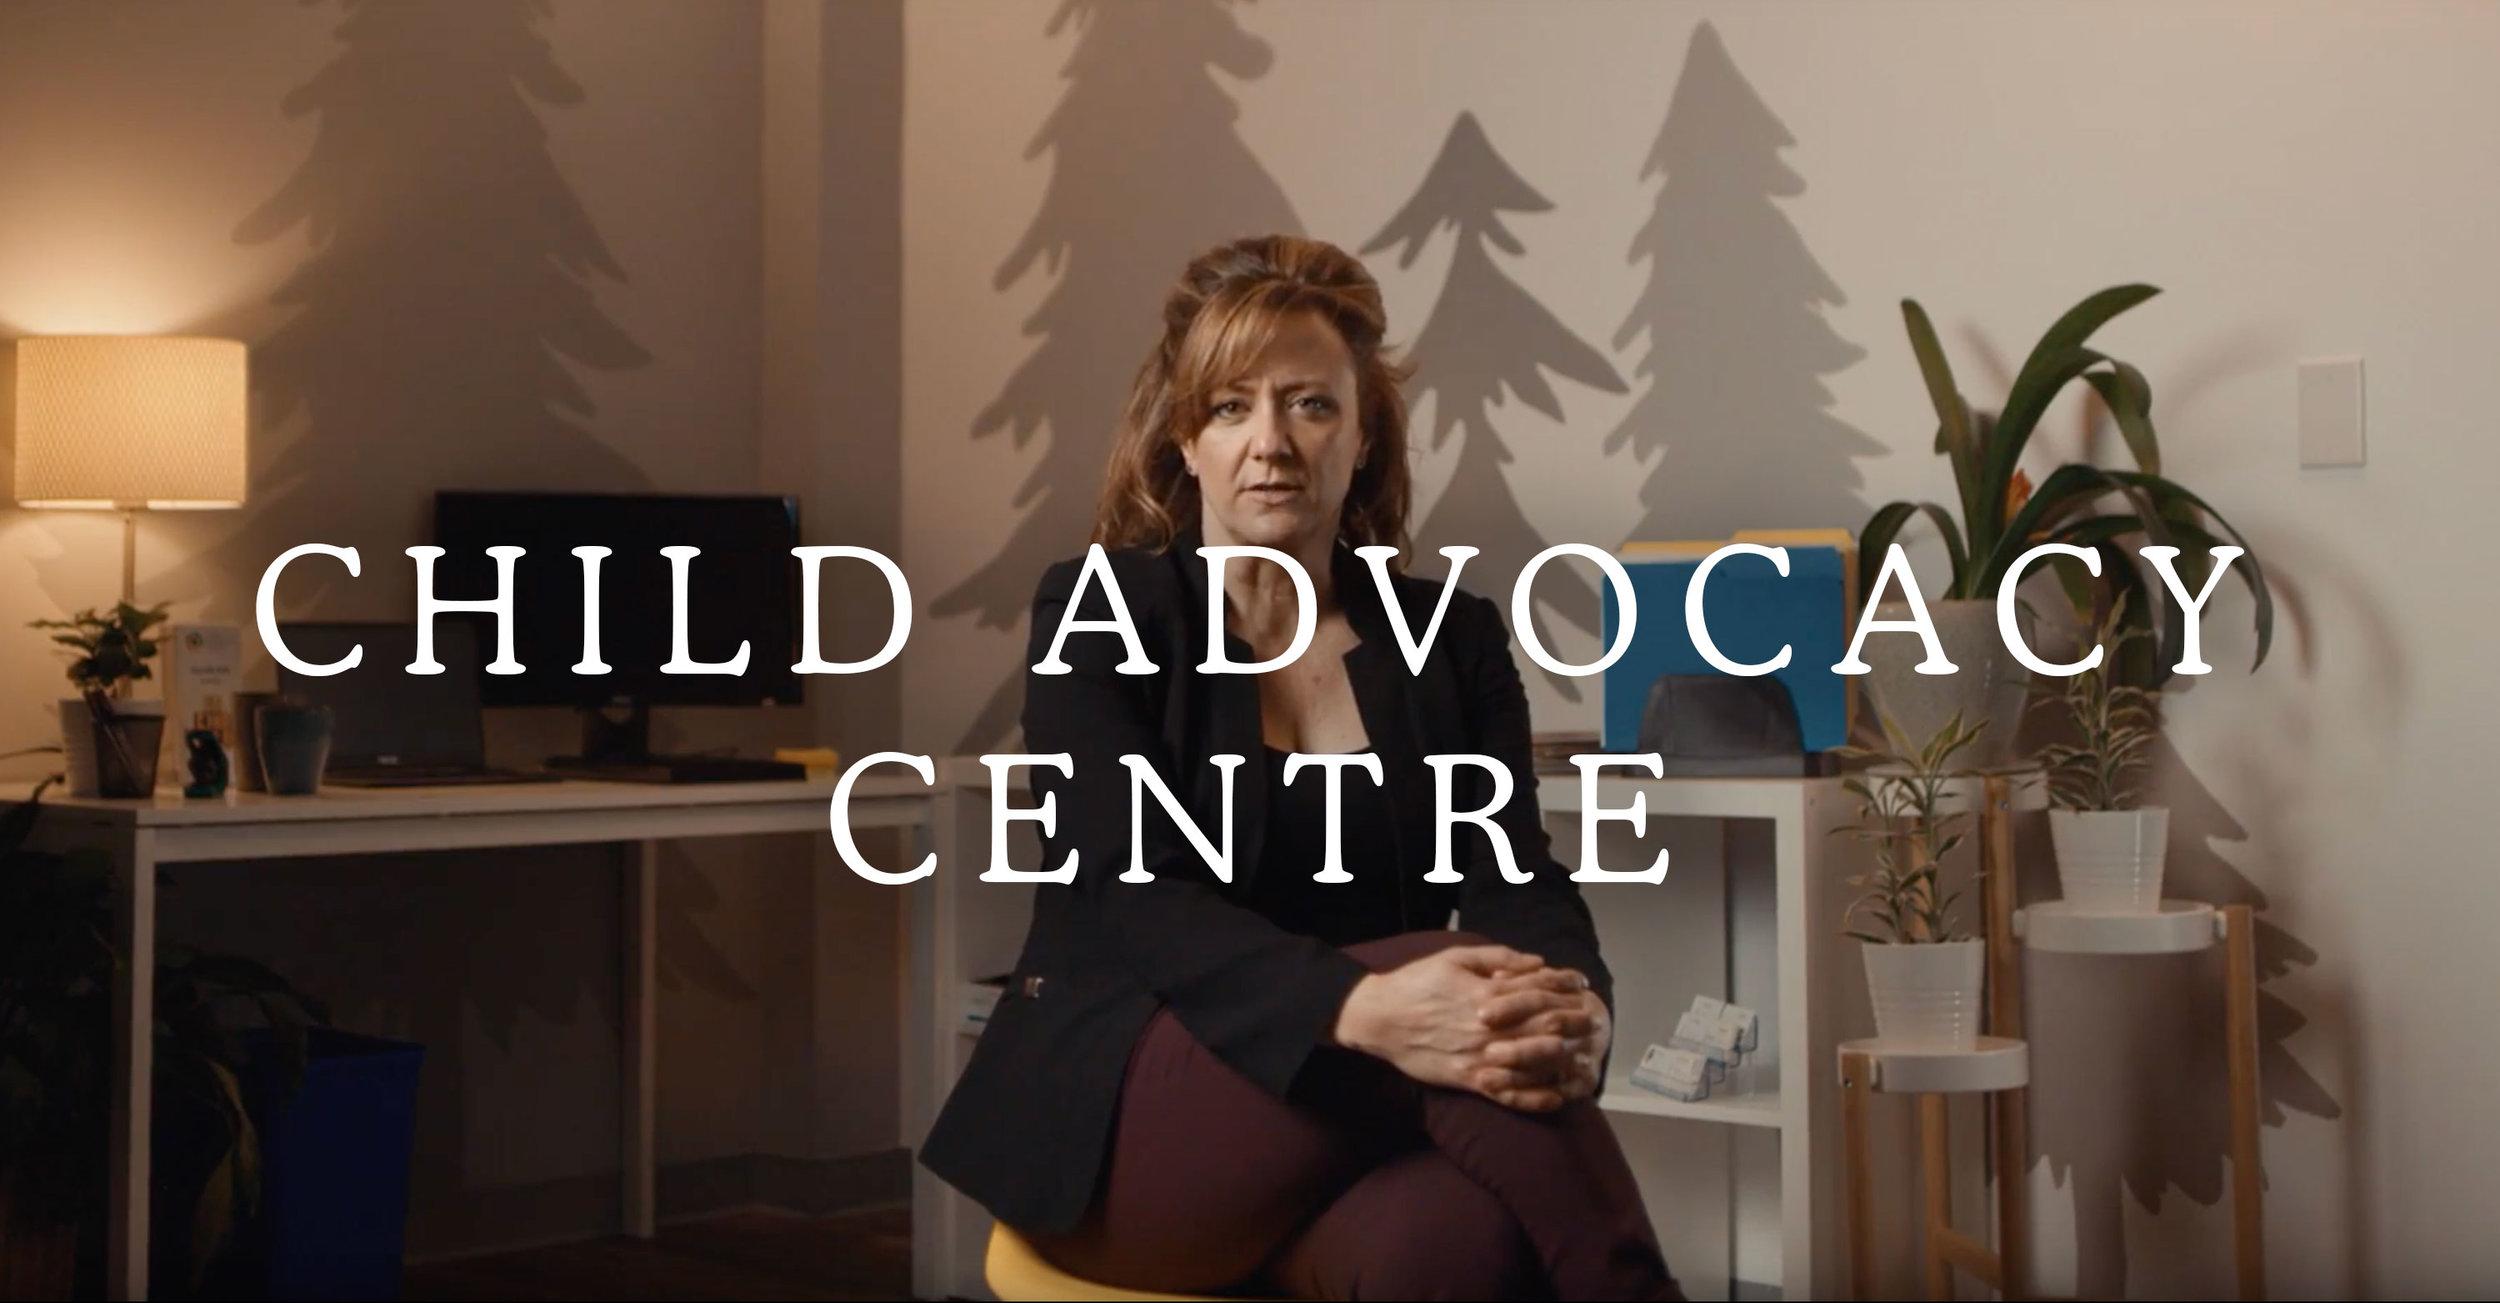 Child Advocacy Centre Title Card